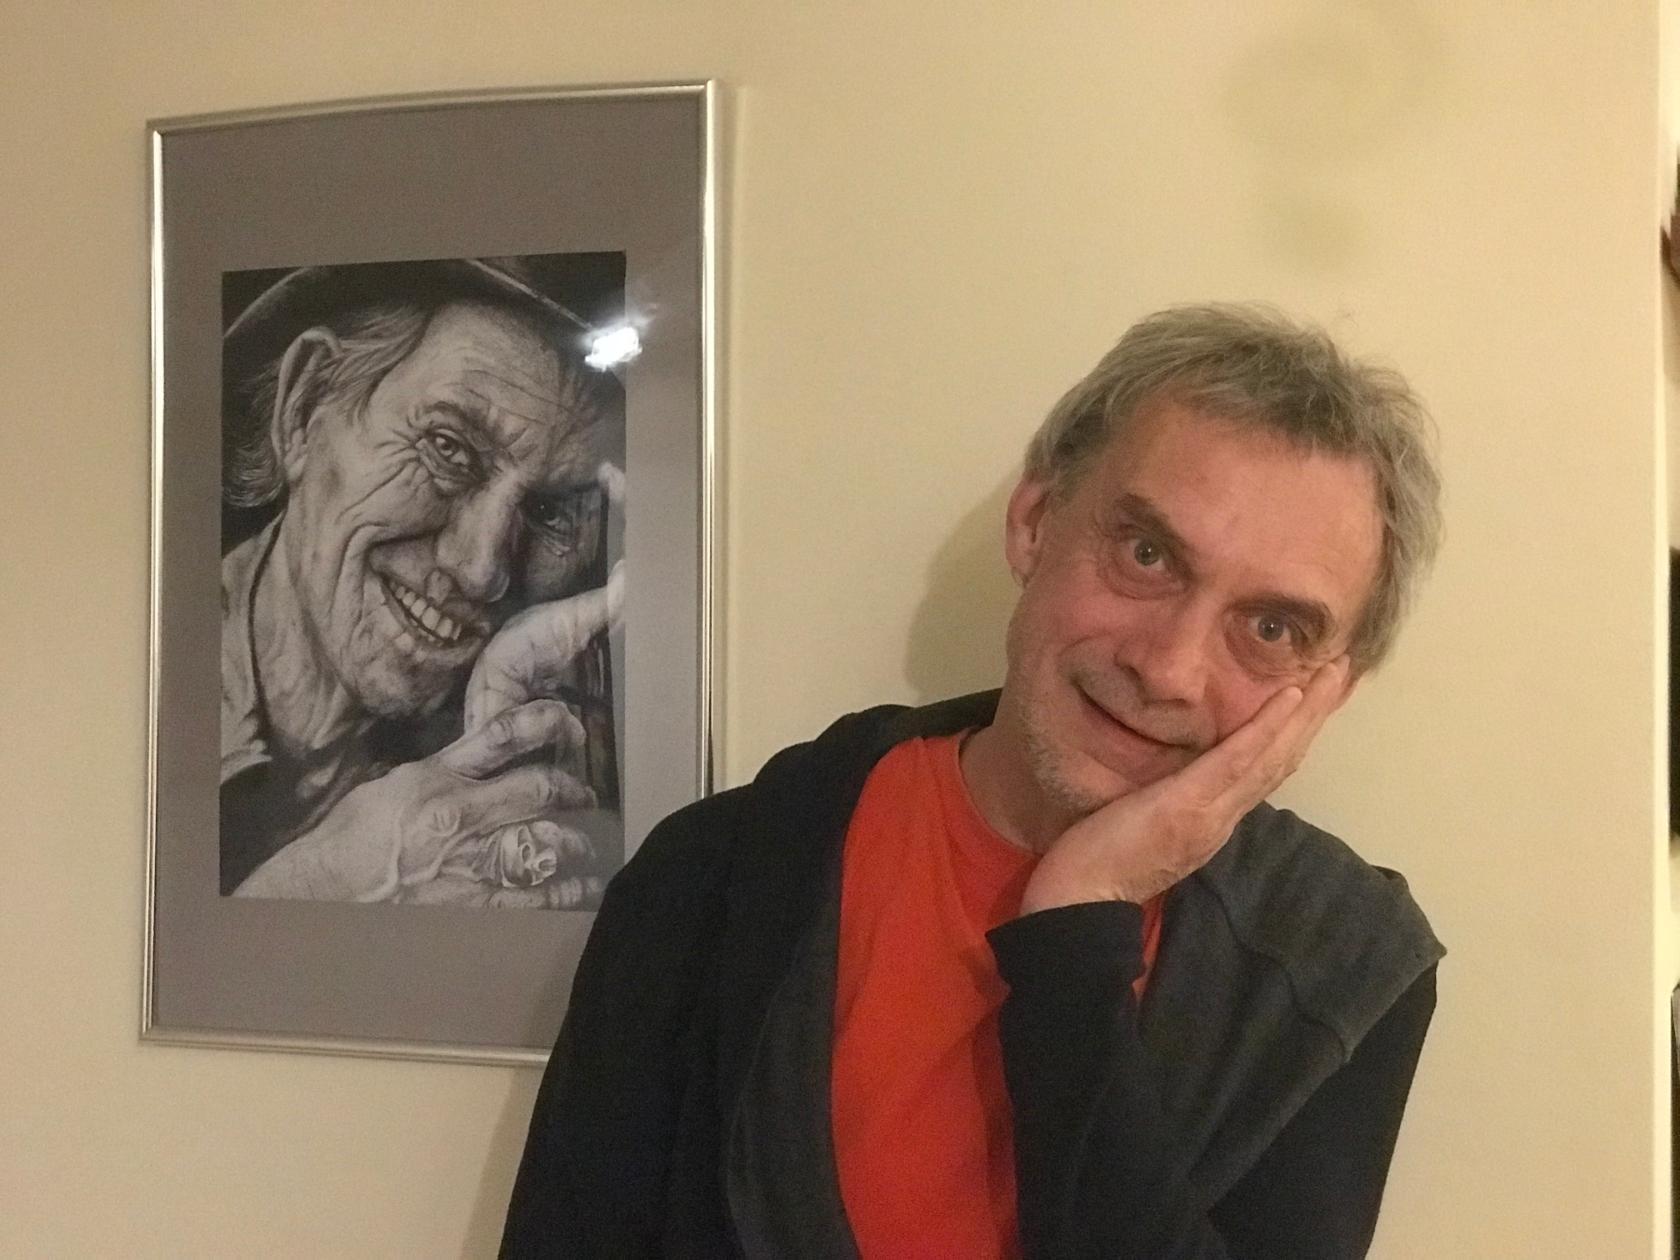 Игорь Журавлев: биография, личная жизнь, семья